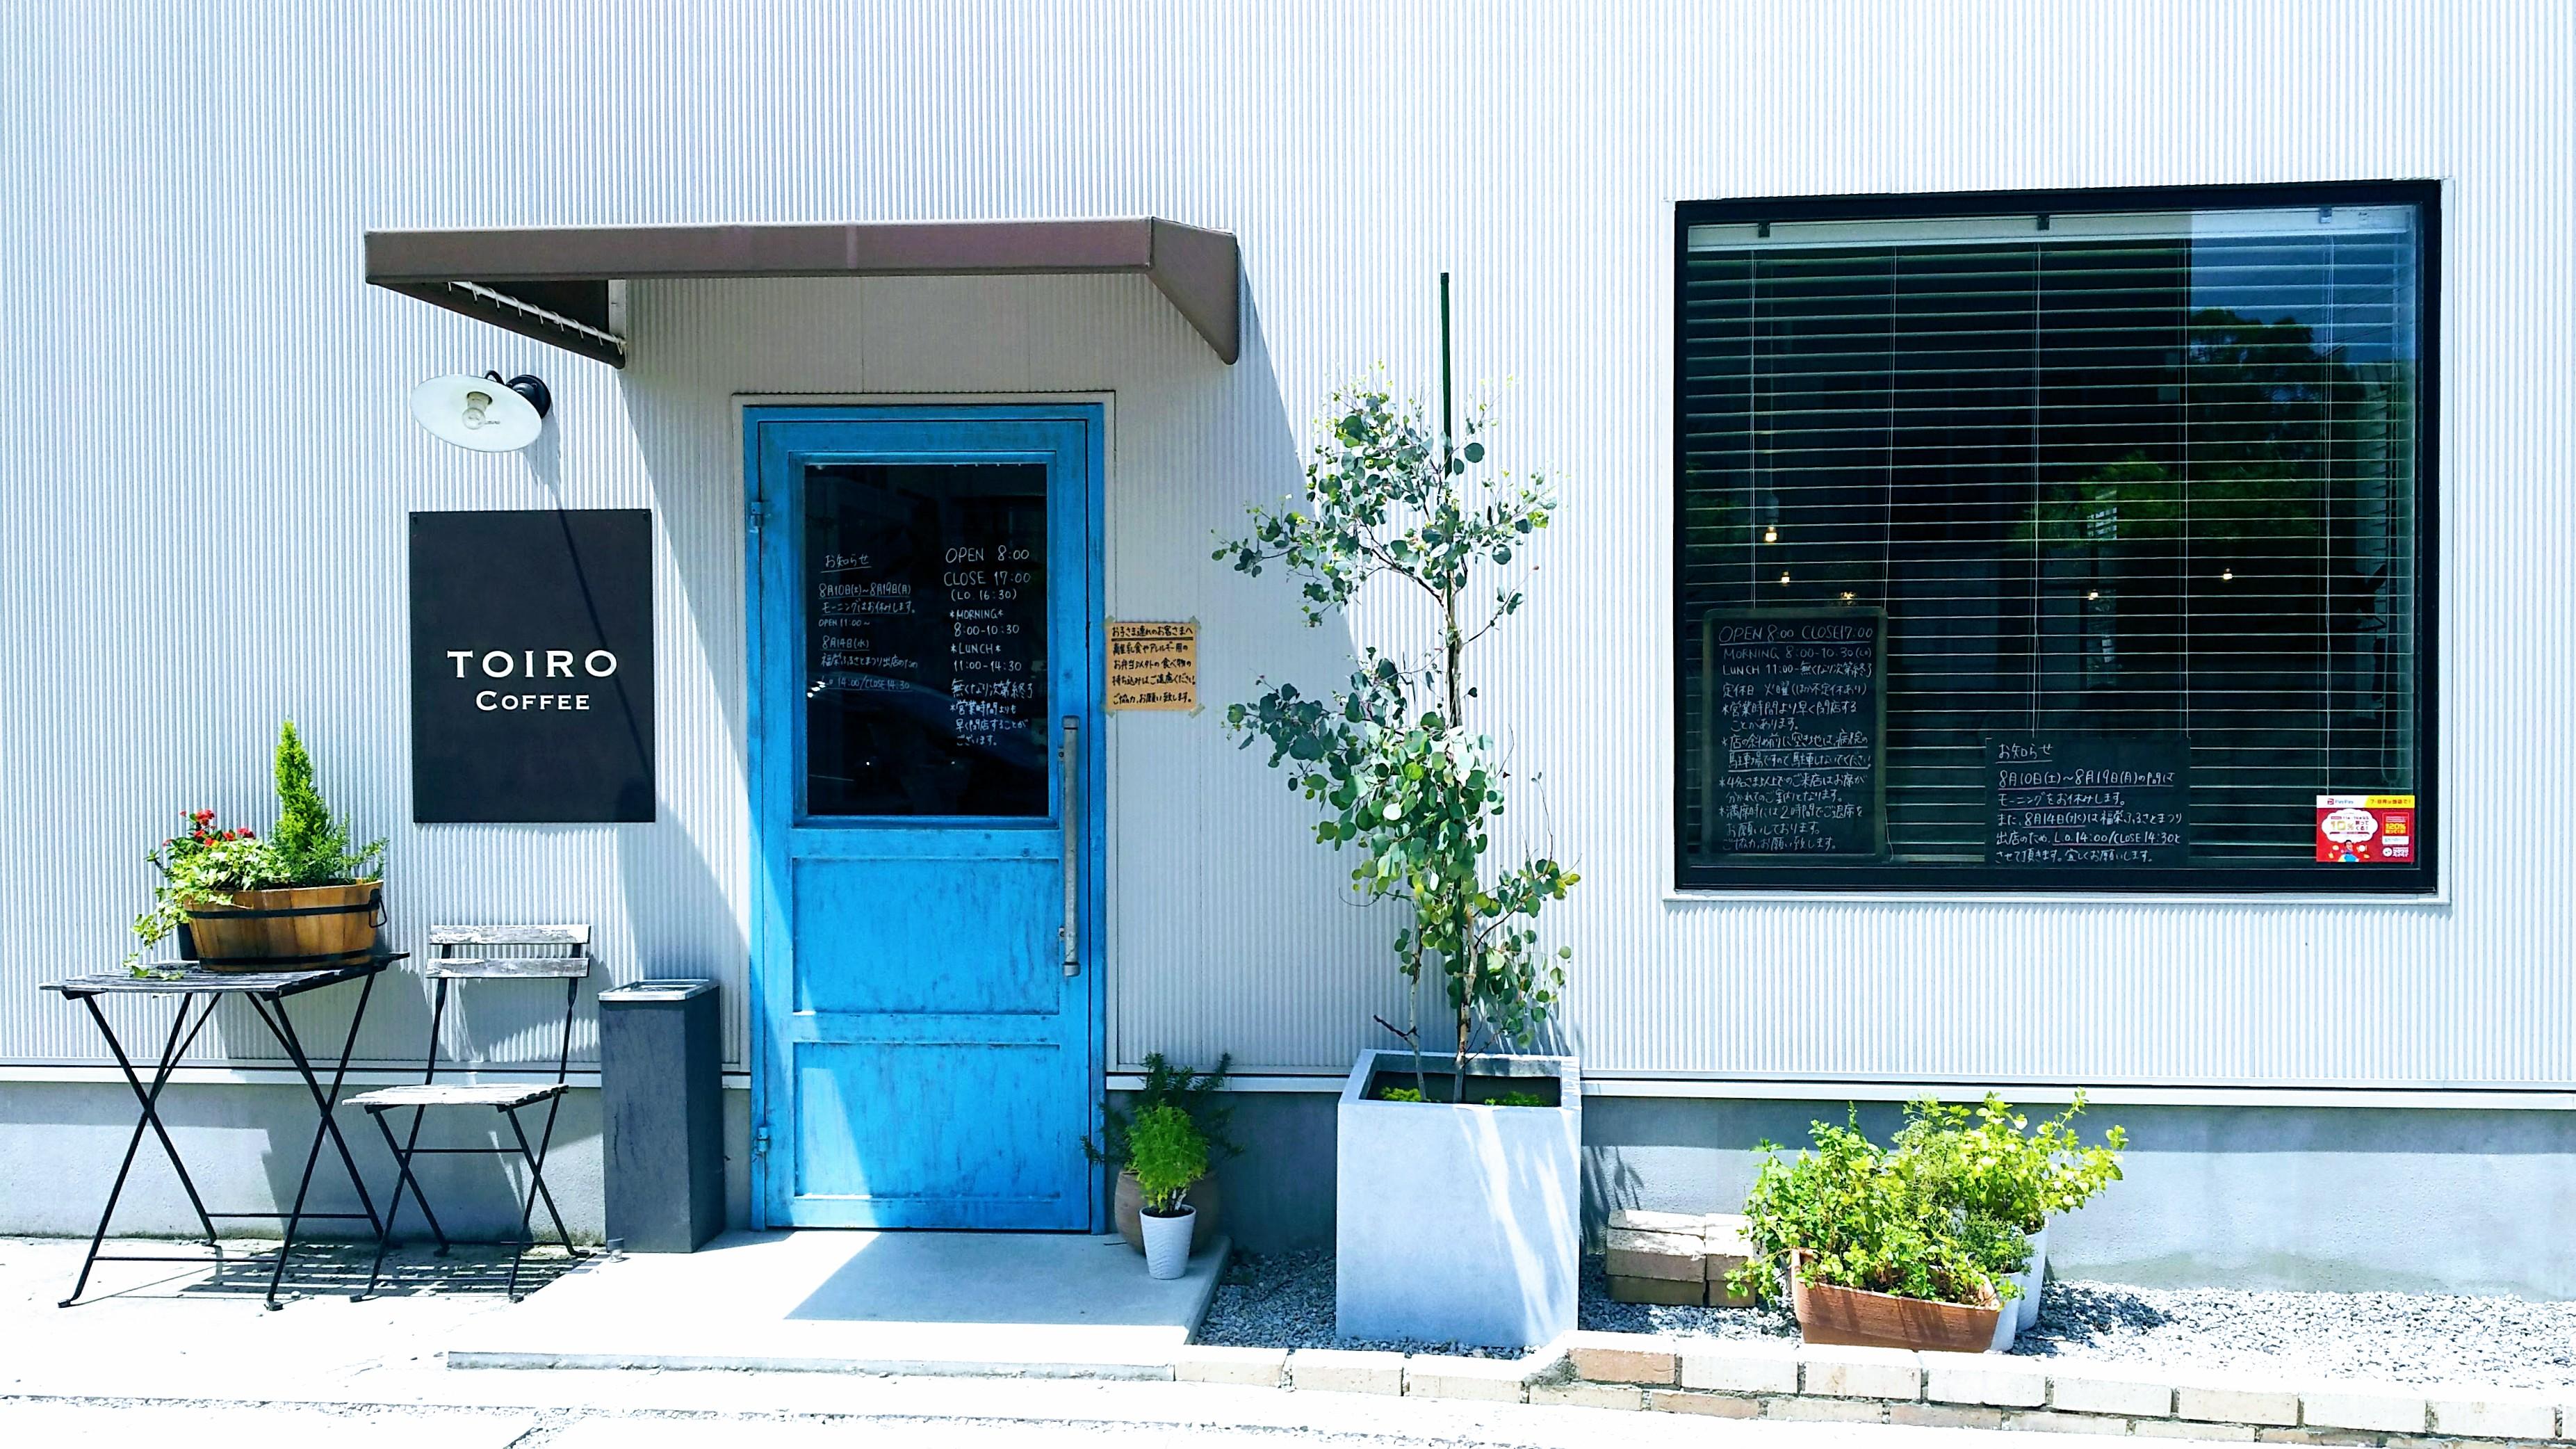 青いドアが印象的なトイロコーヒーの外観